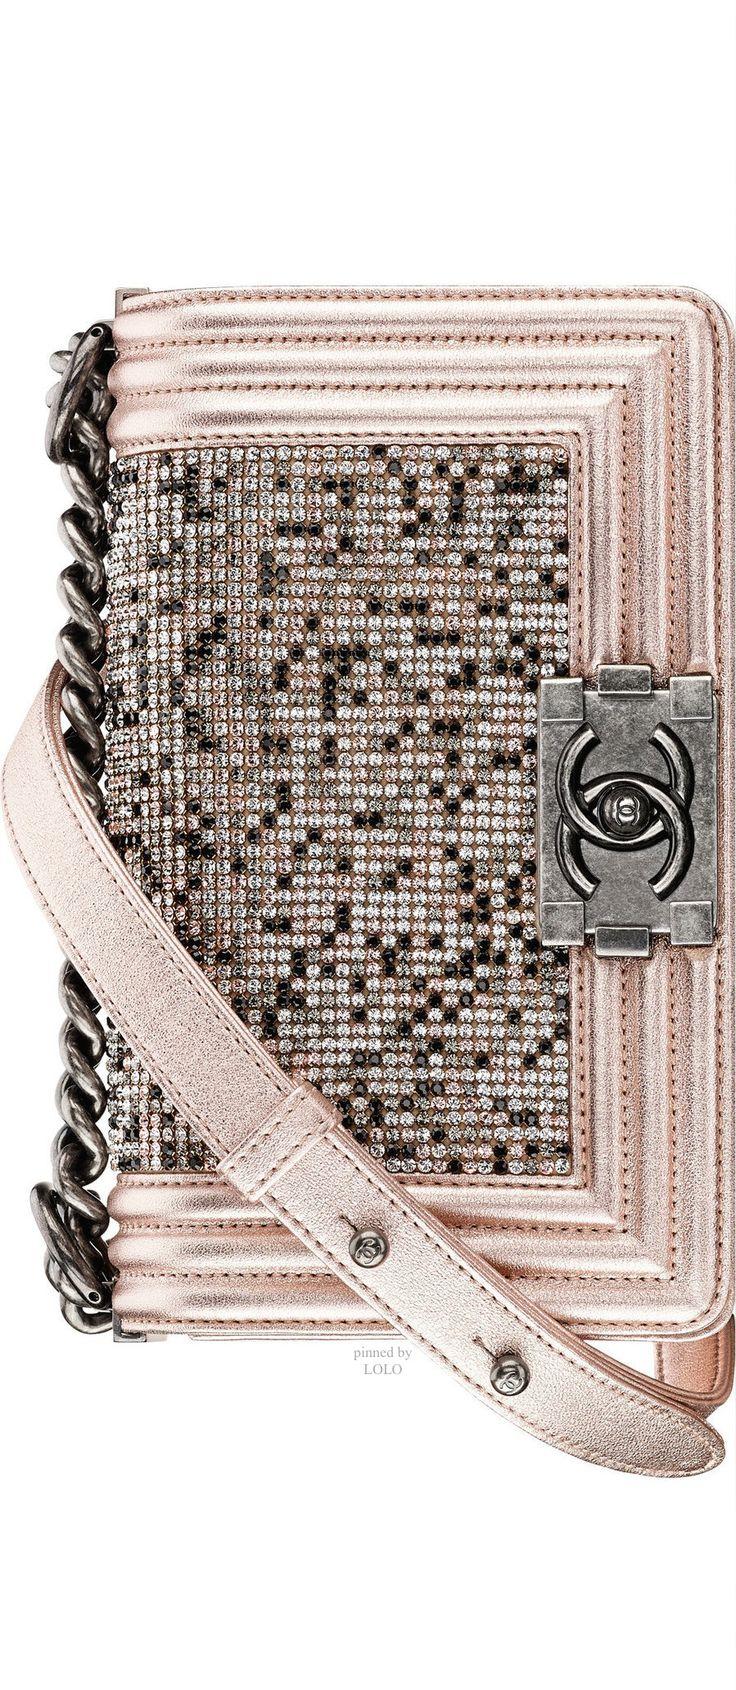 Chanel Väskor Vintage : Boy chanel flap bag v?skor och